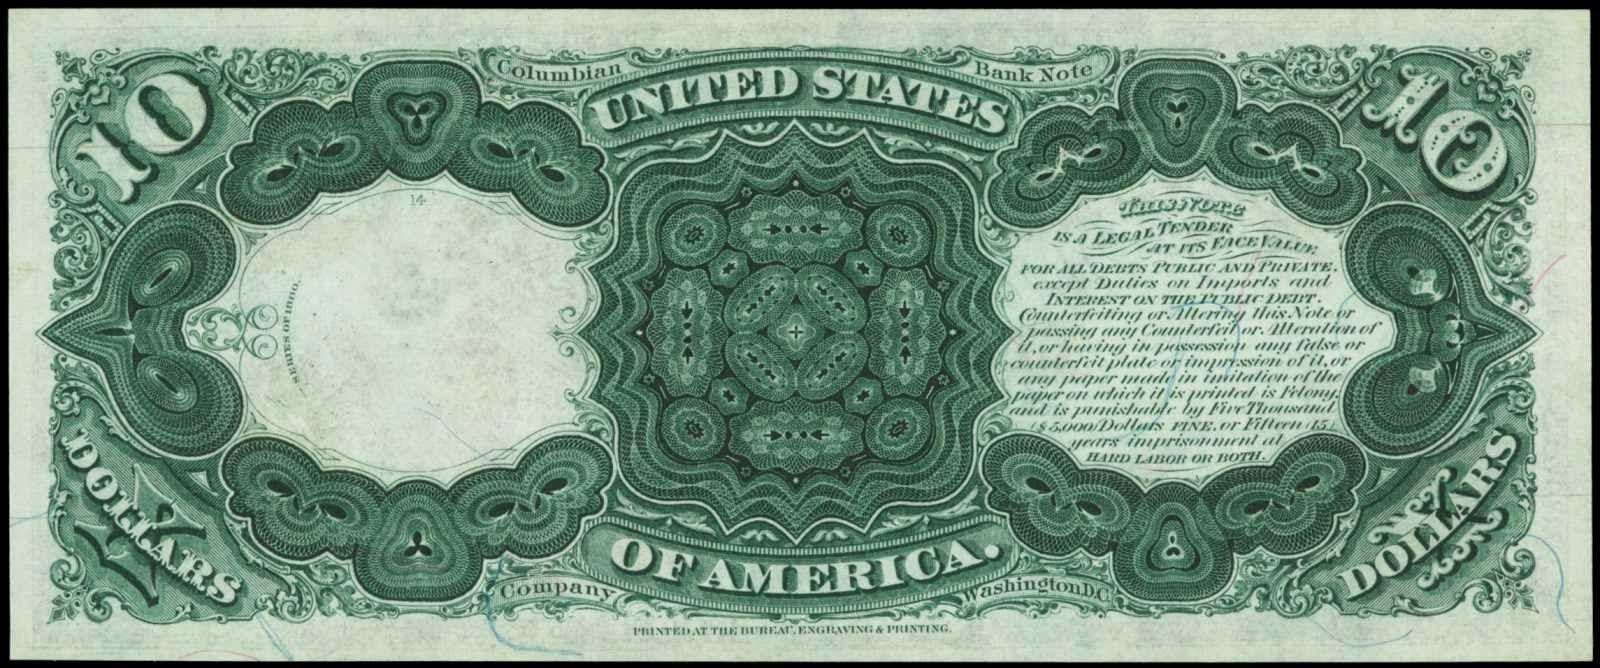 1880 10 Dollars Legal Tender Note